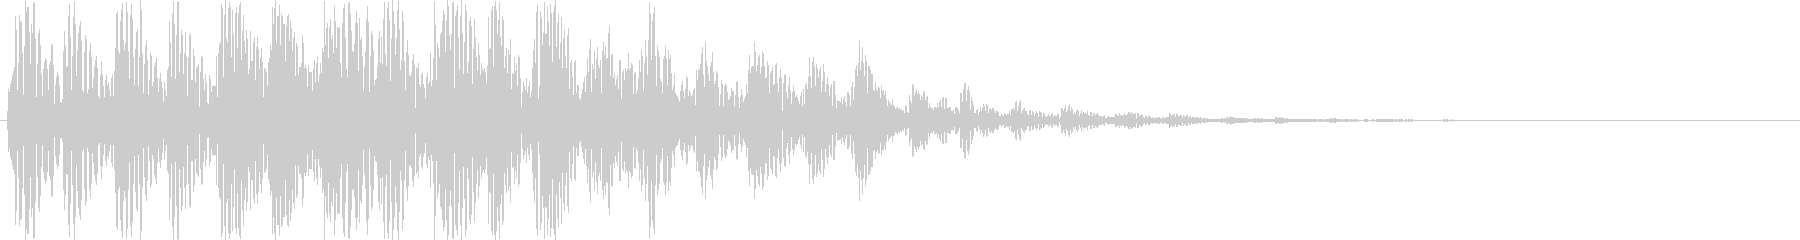 【ポコッ】ファミコン系 敵を倒す音_05の未再生の波形